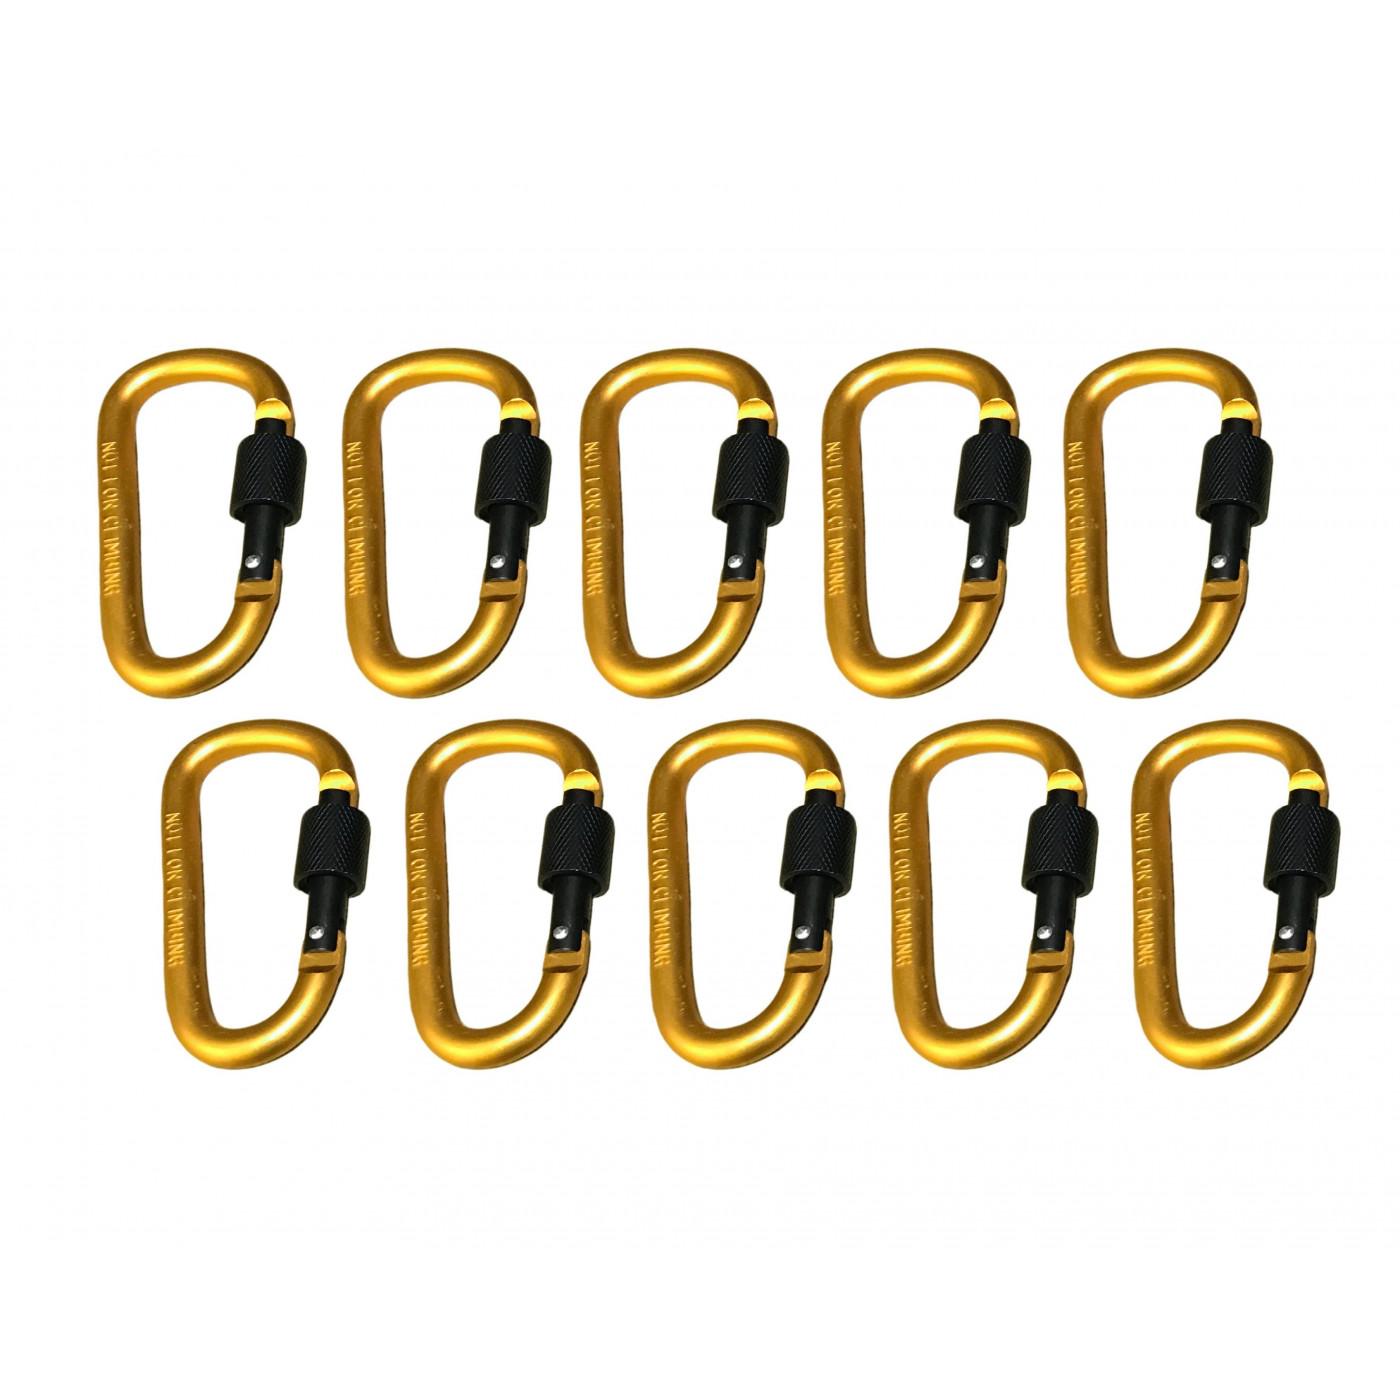 Zestaw 10 karabińczyków, kolor 8: żółty, 100 kg